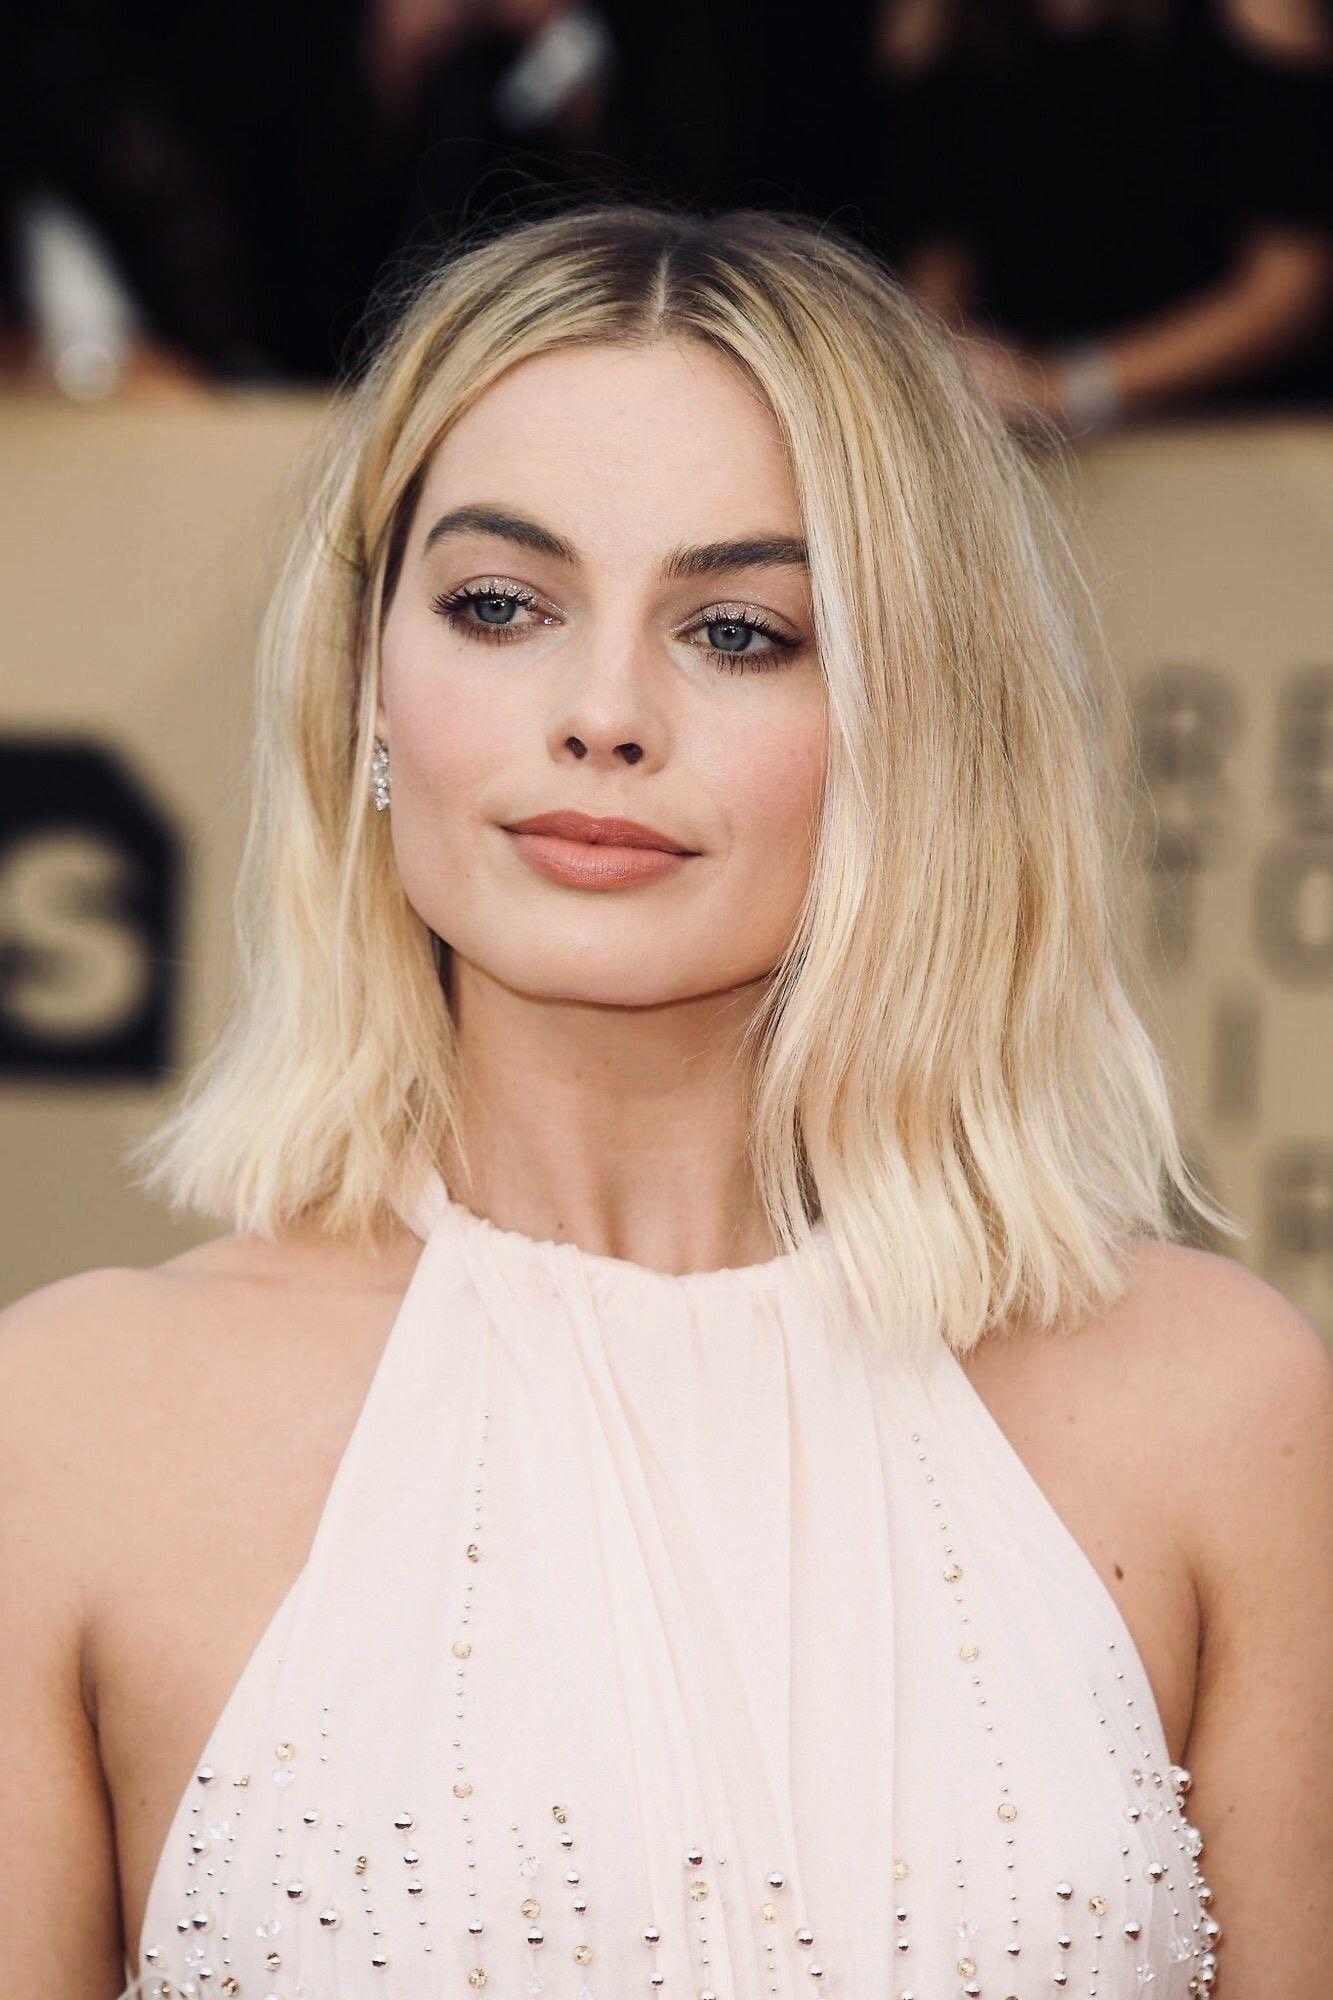 Pin di Francy 11122017 su Celebrity Female nel 2020 ...